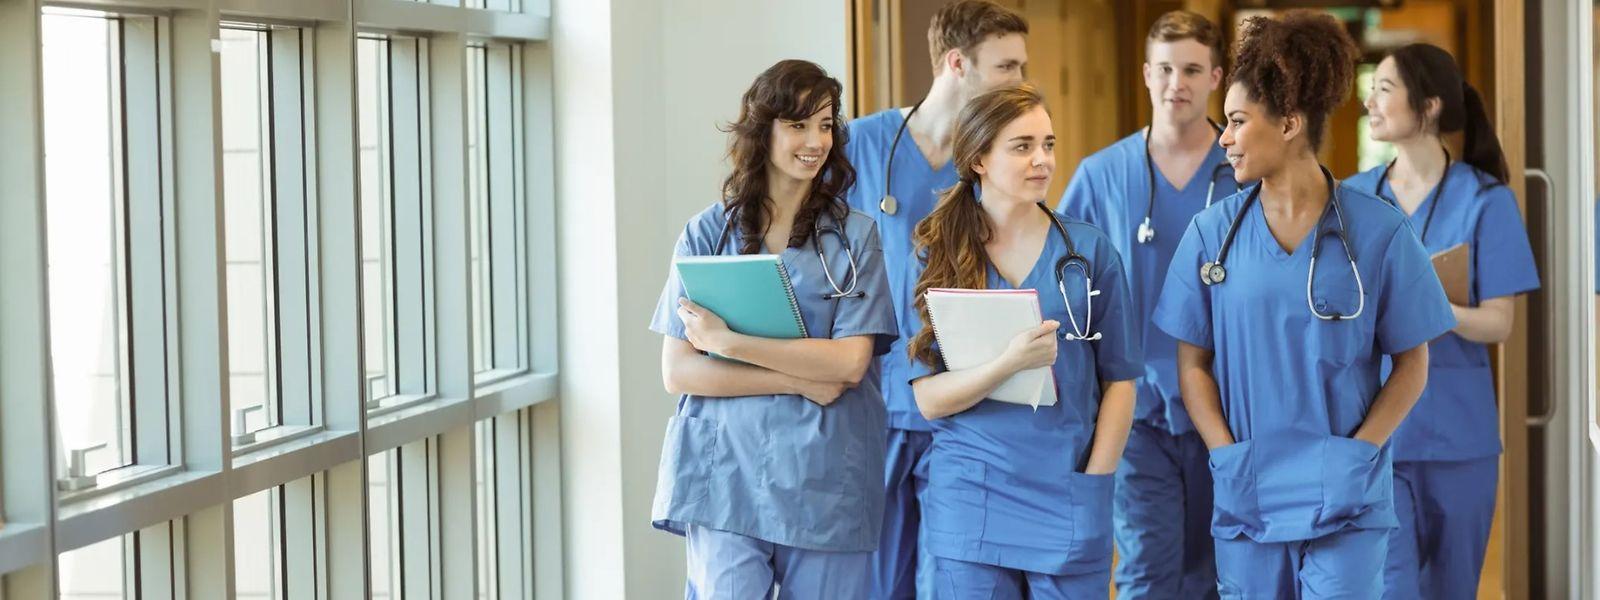 D'ici à 2034, plus de la moitié des médecins actifs aujourd'hui partiront en retraite. Ce qui relance la question de la formation des médecins au Luxembourg.